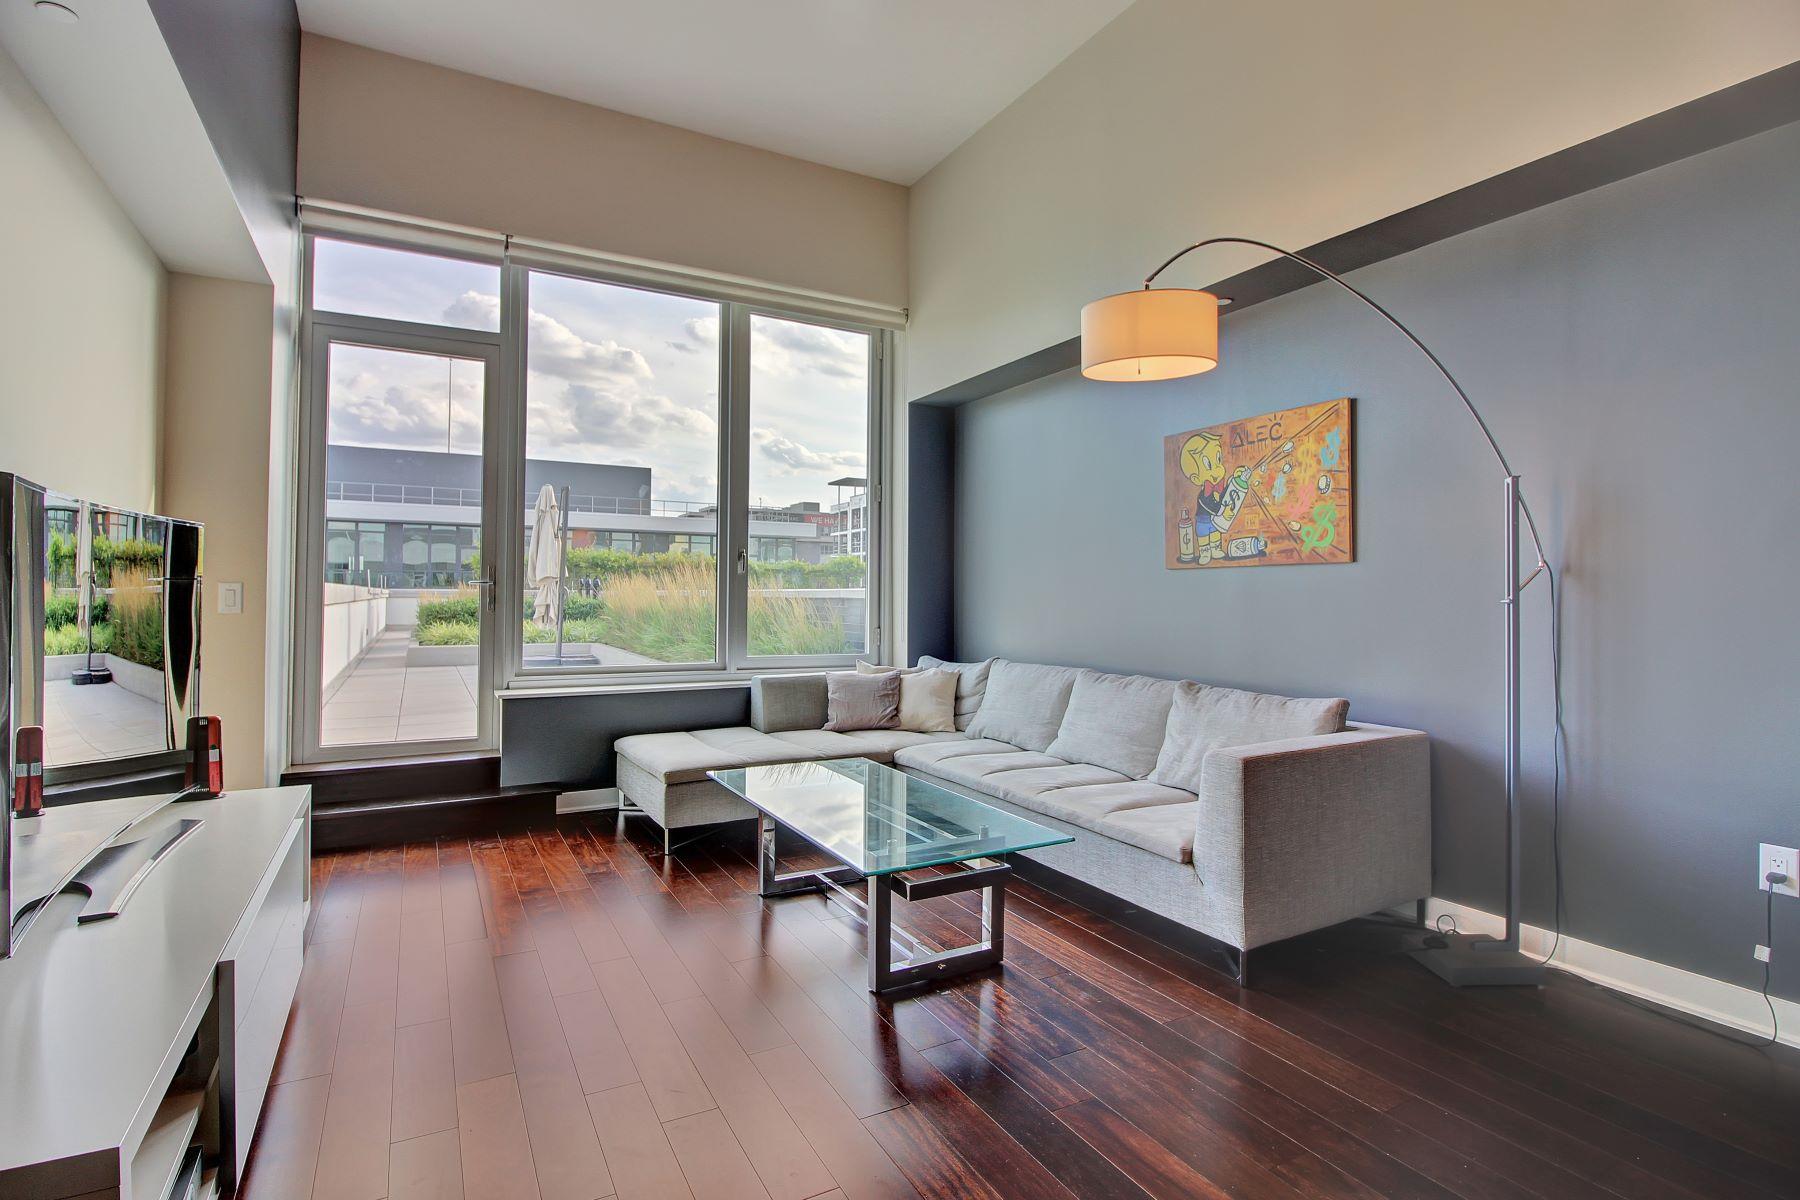 Condomínio para Venda às Pure Luxury Two Bedroom Penthouse 1000 Avenue At Port Imperial #709 Weehawken, Nova Jersey, 07086 Estados Unidos